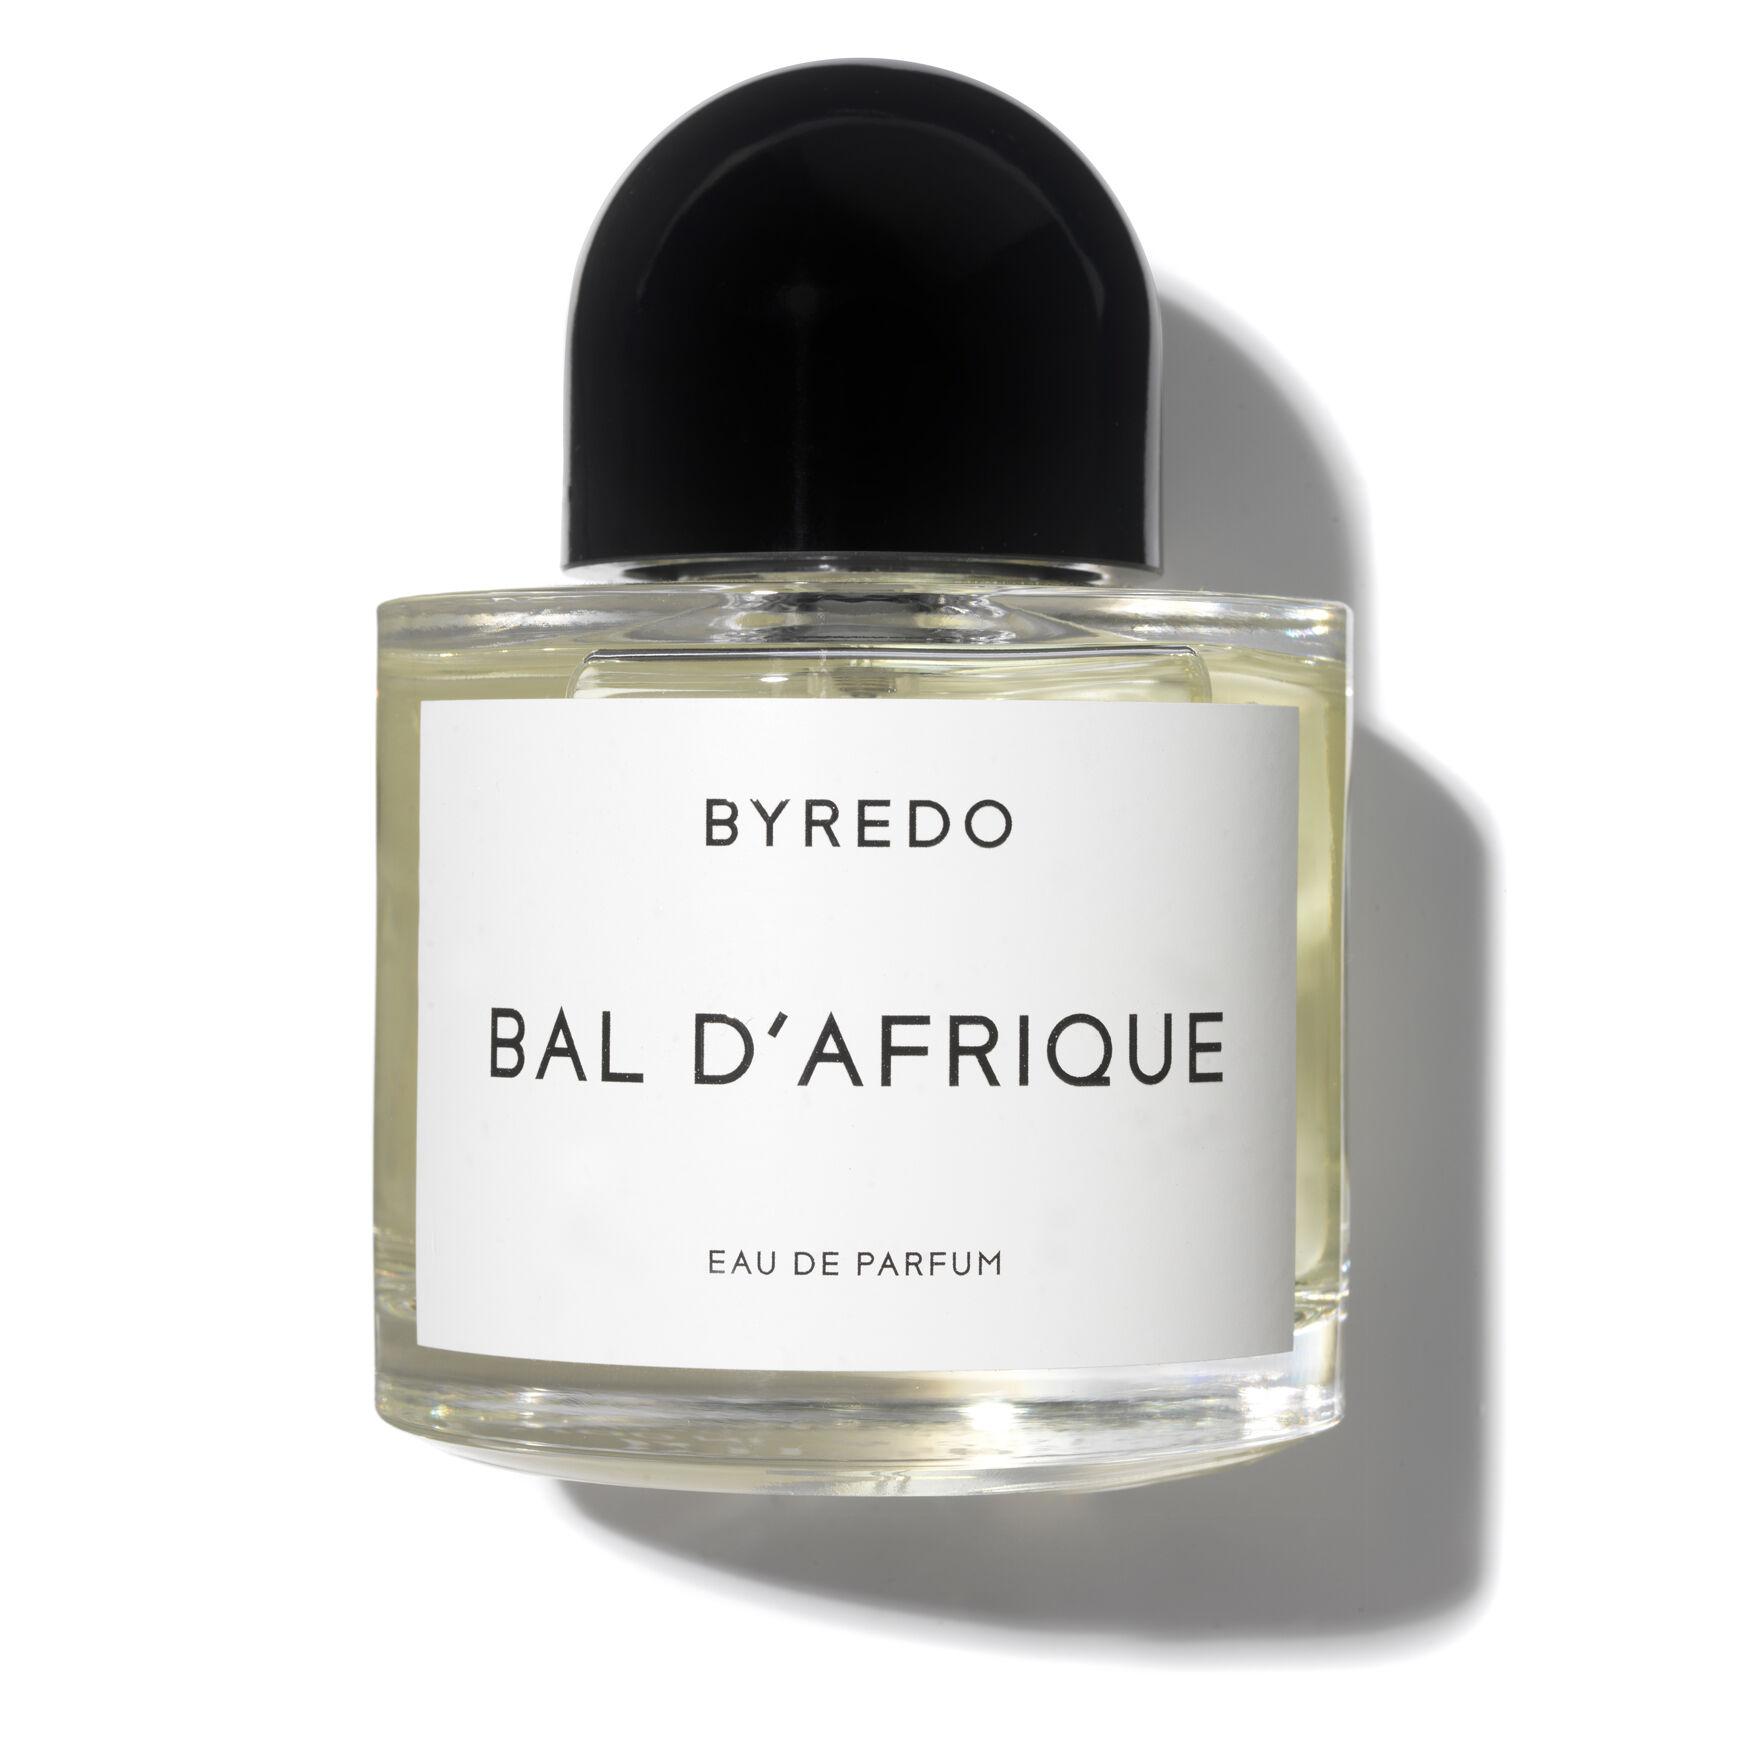 Afrique Eau Byredo Gbp Parfum Space De nk Bal D' EDH92I